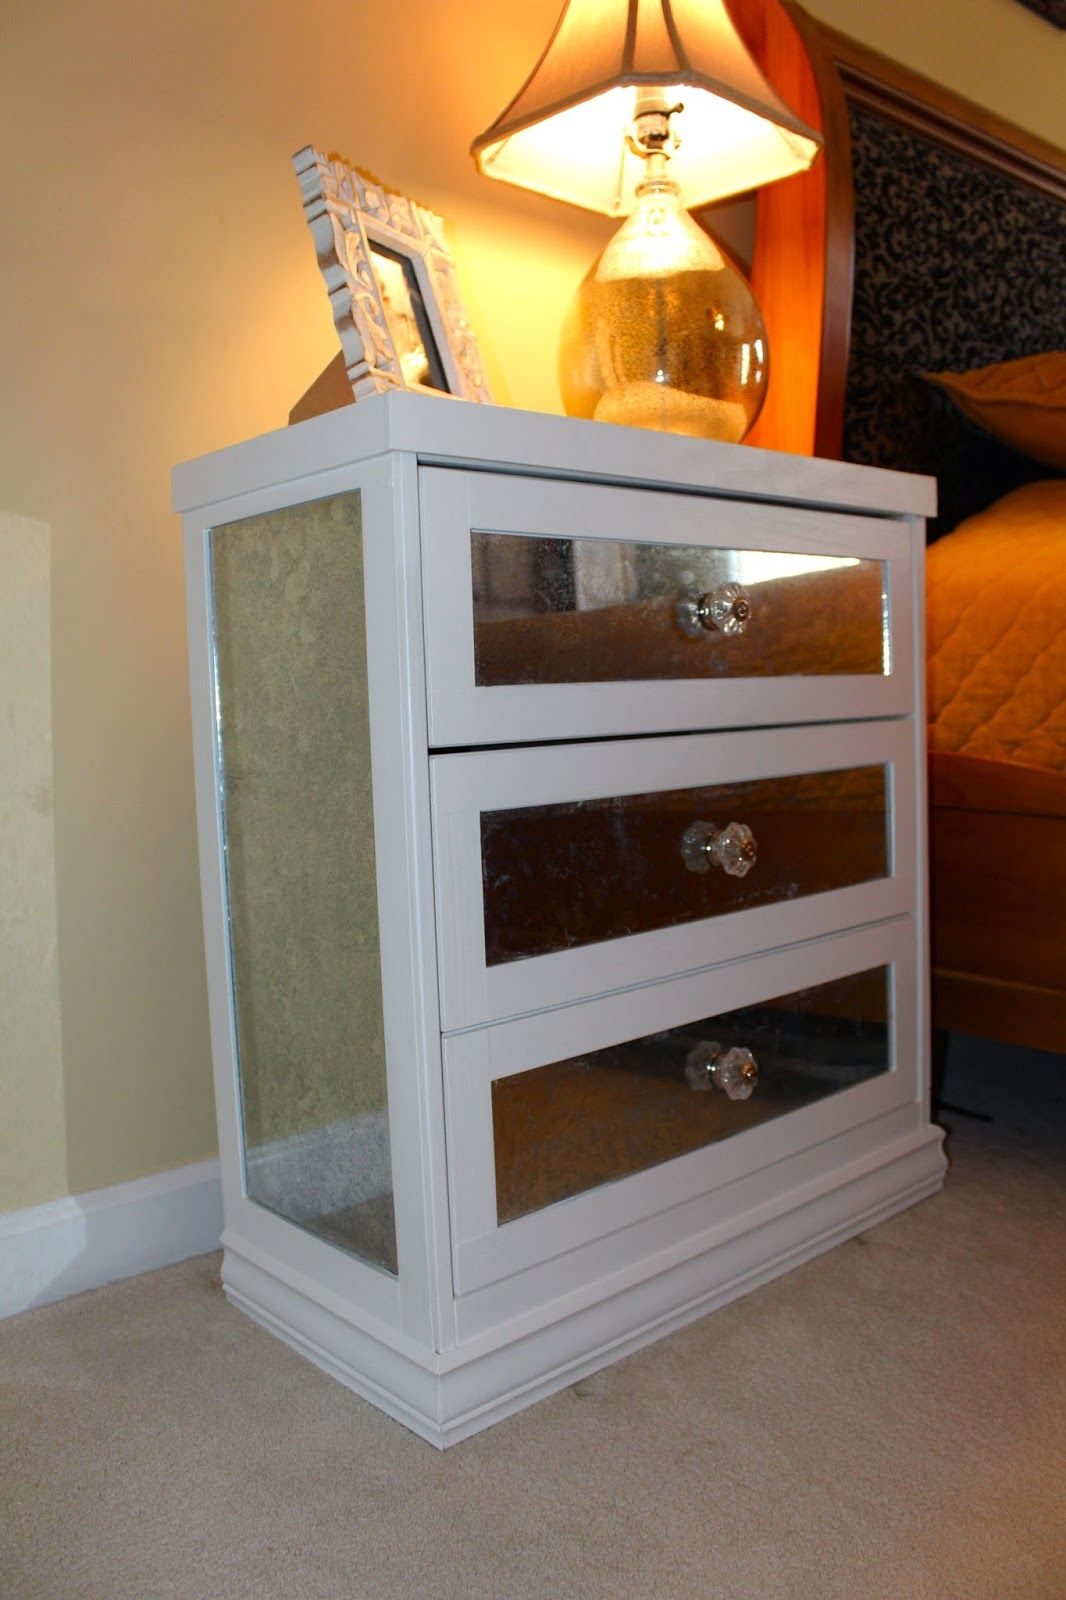 Antsi pants diy mirrored nightstand ikea rast hack diy furniture mirror